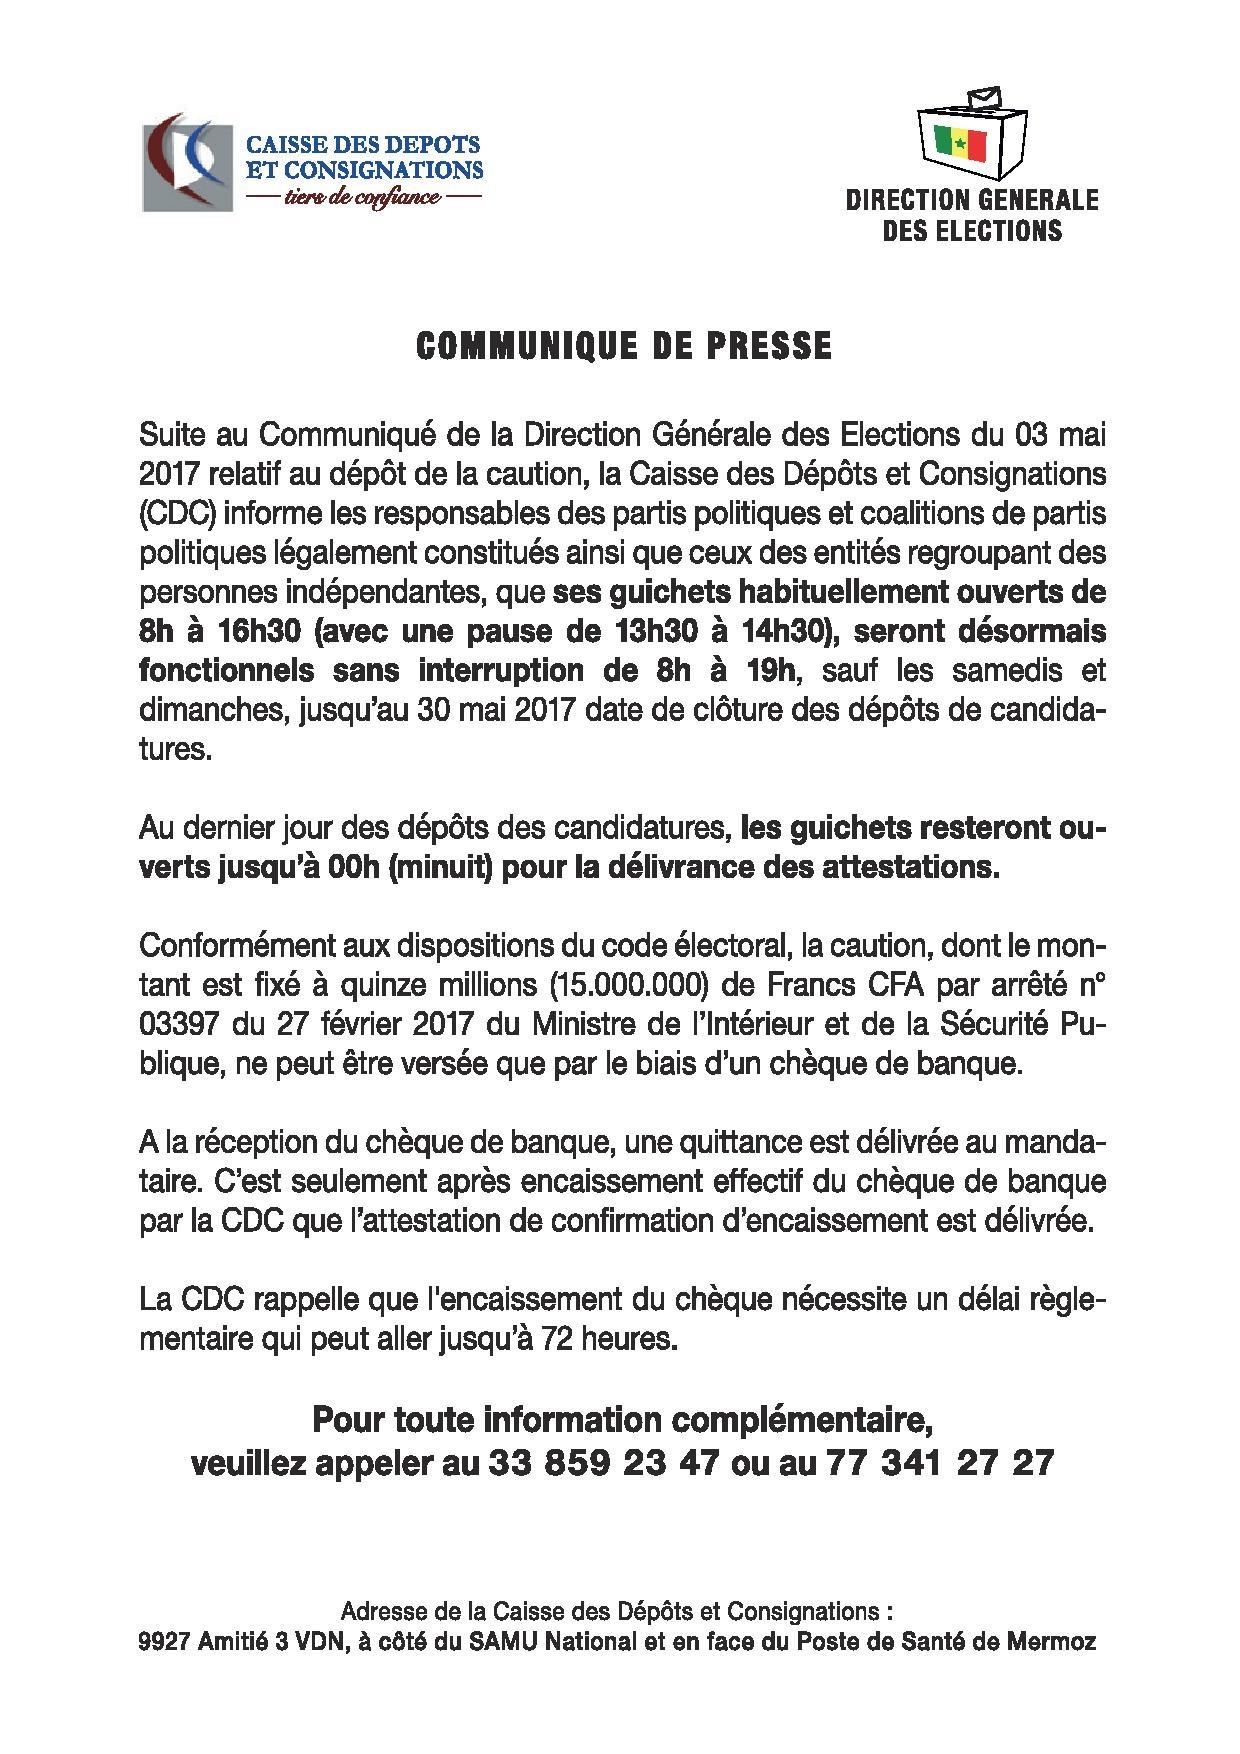 Communiqué Caisse et Dépôt et Consignations (CDC)